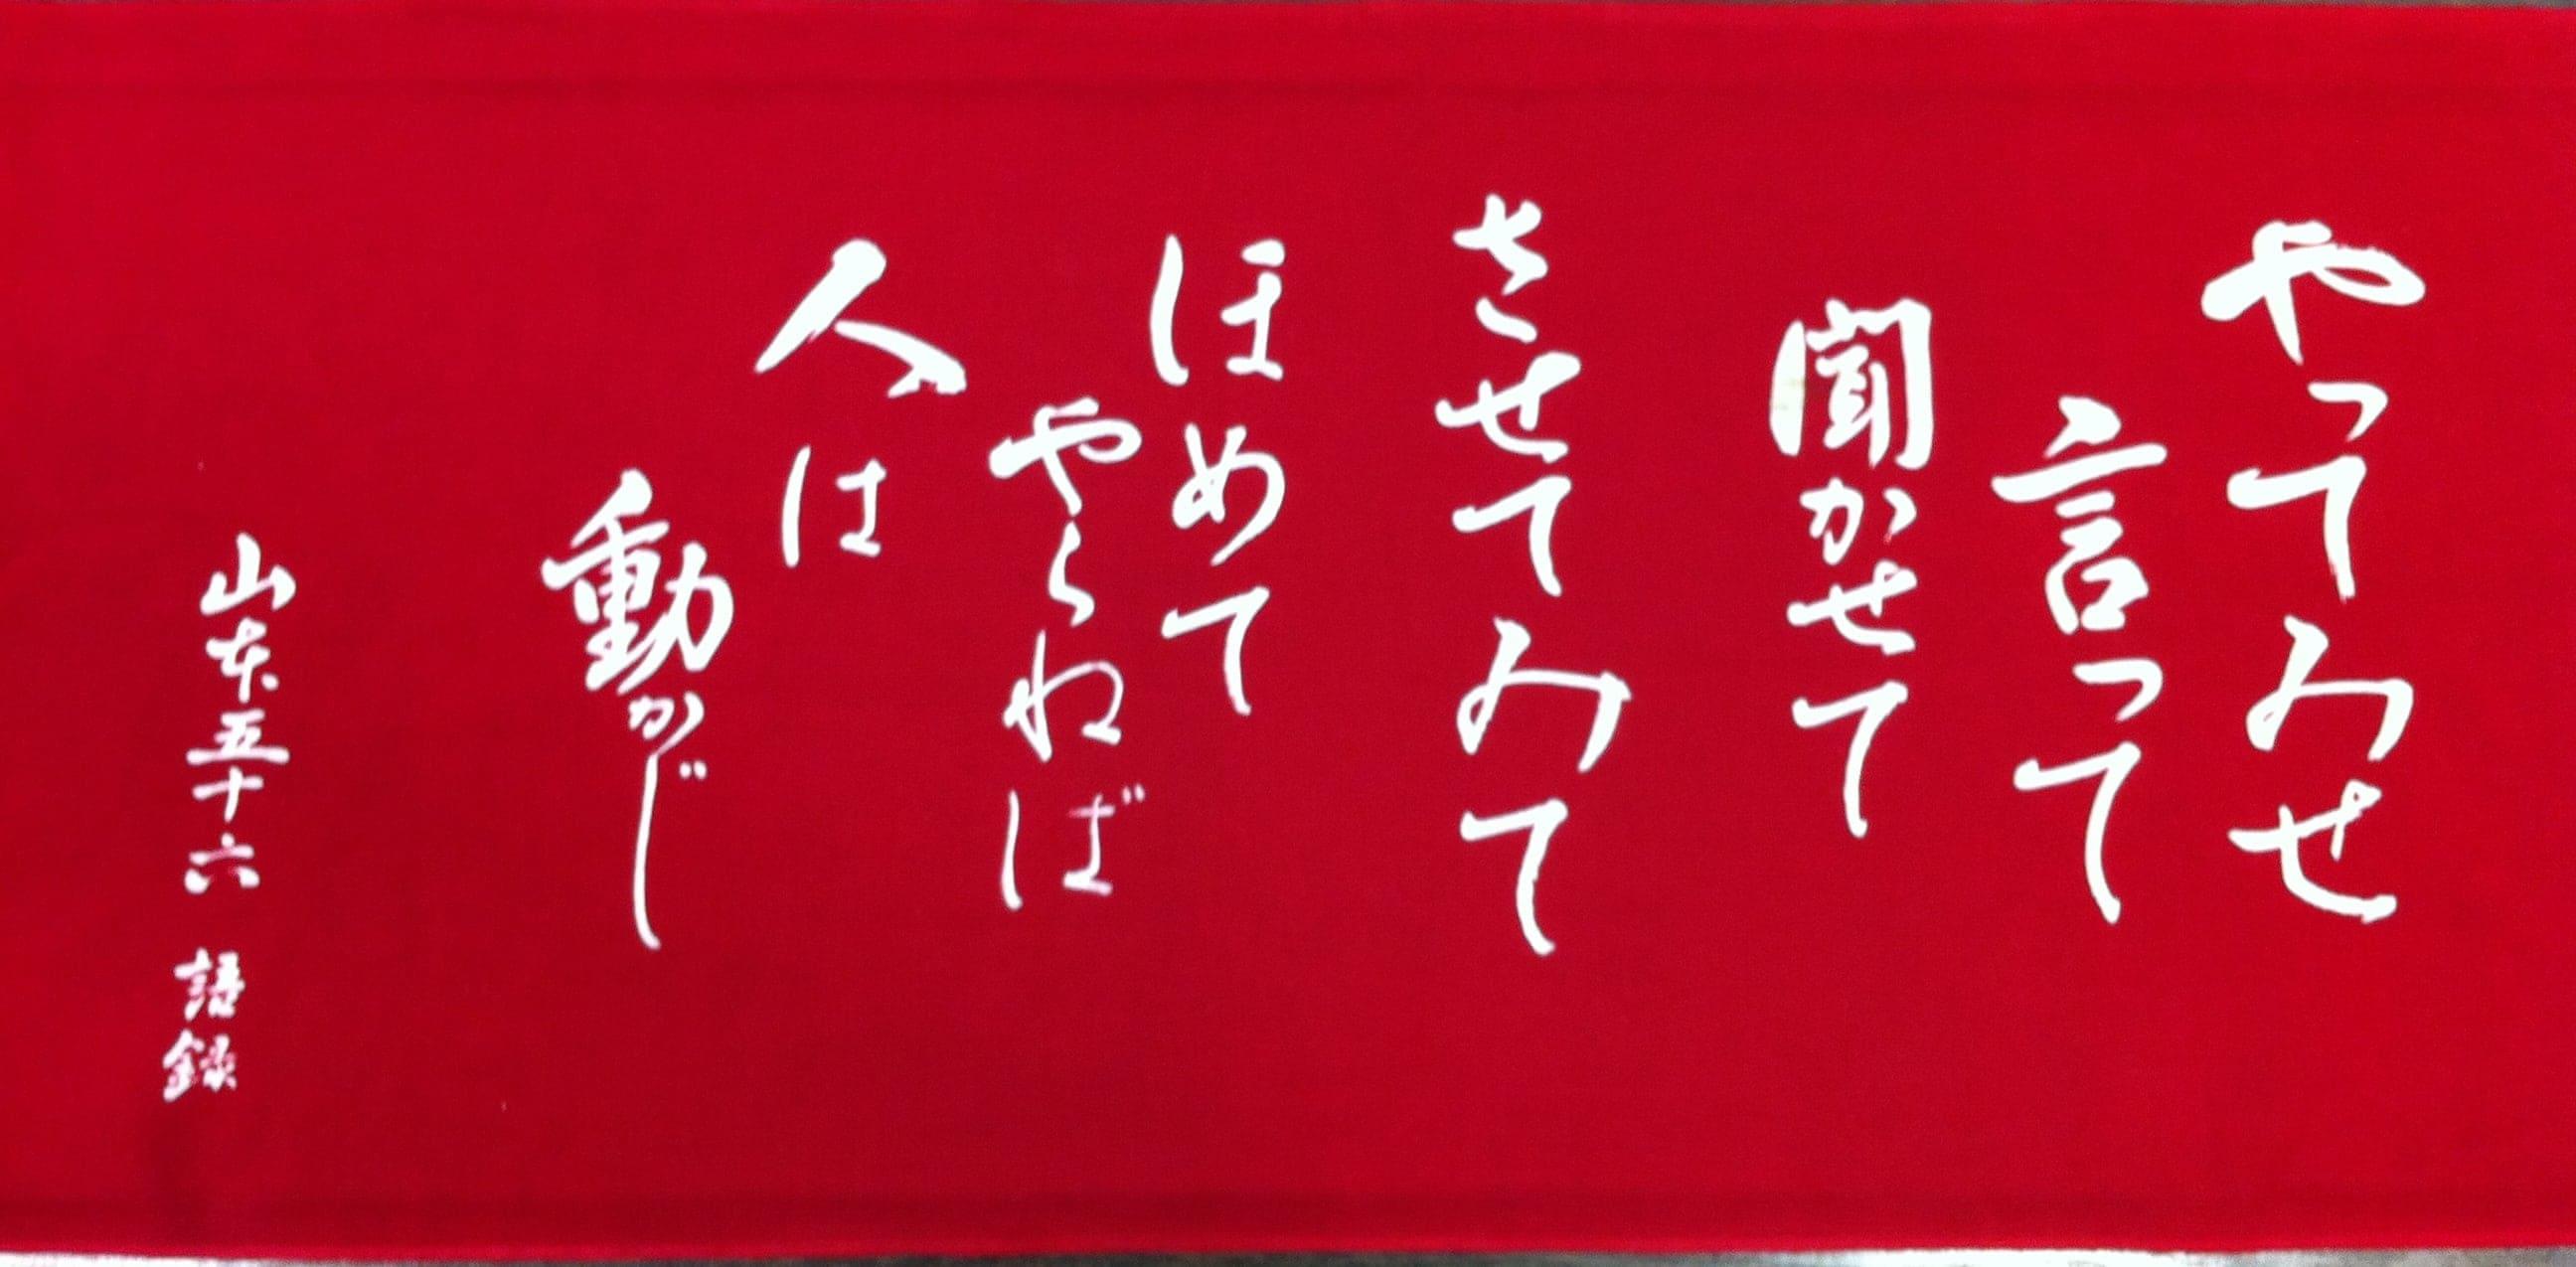 山本五十六語録「やってみせ…」手ぬぐい|赤